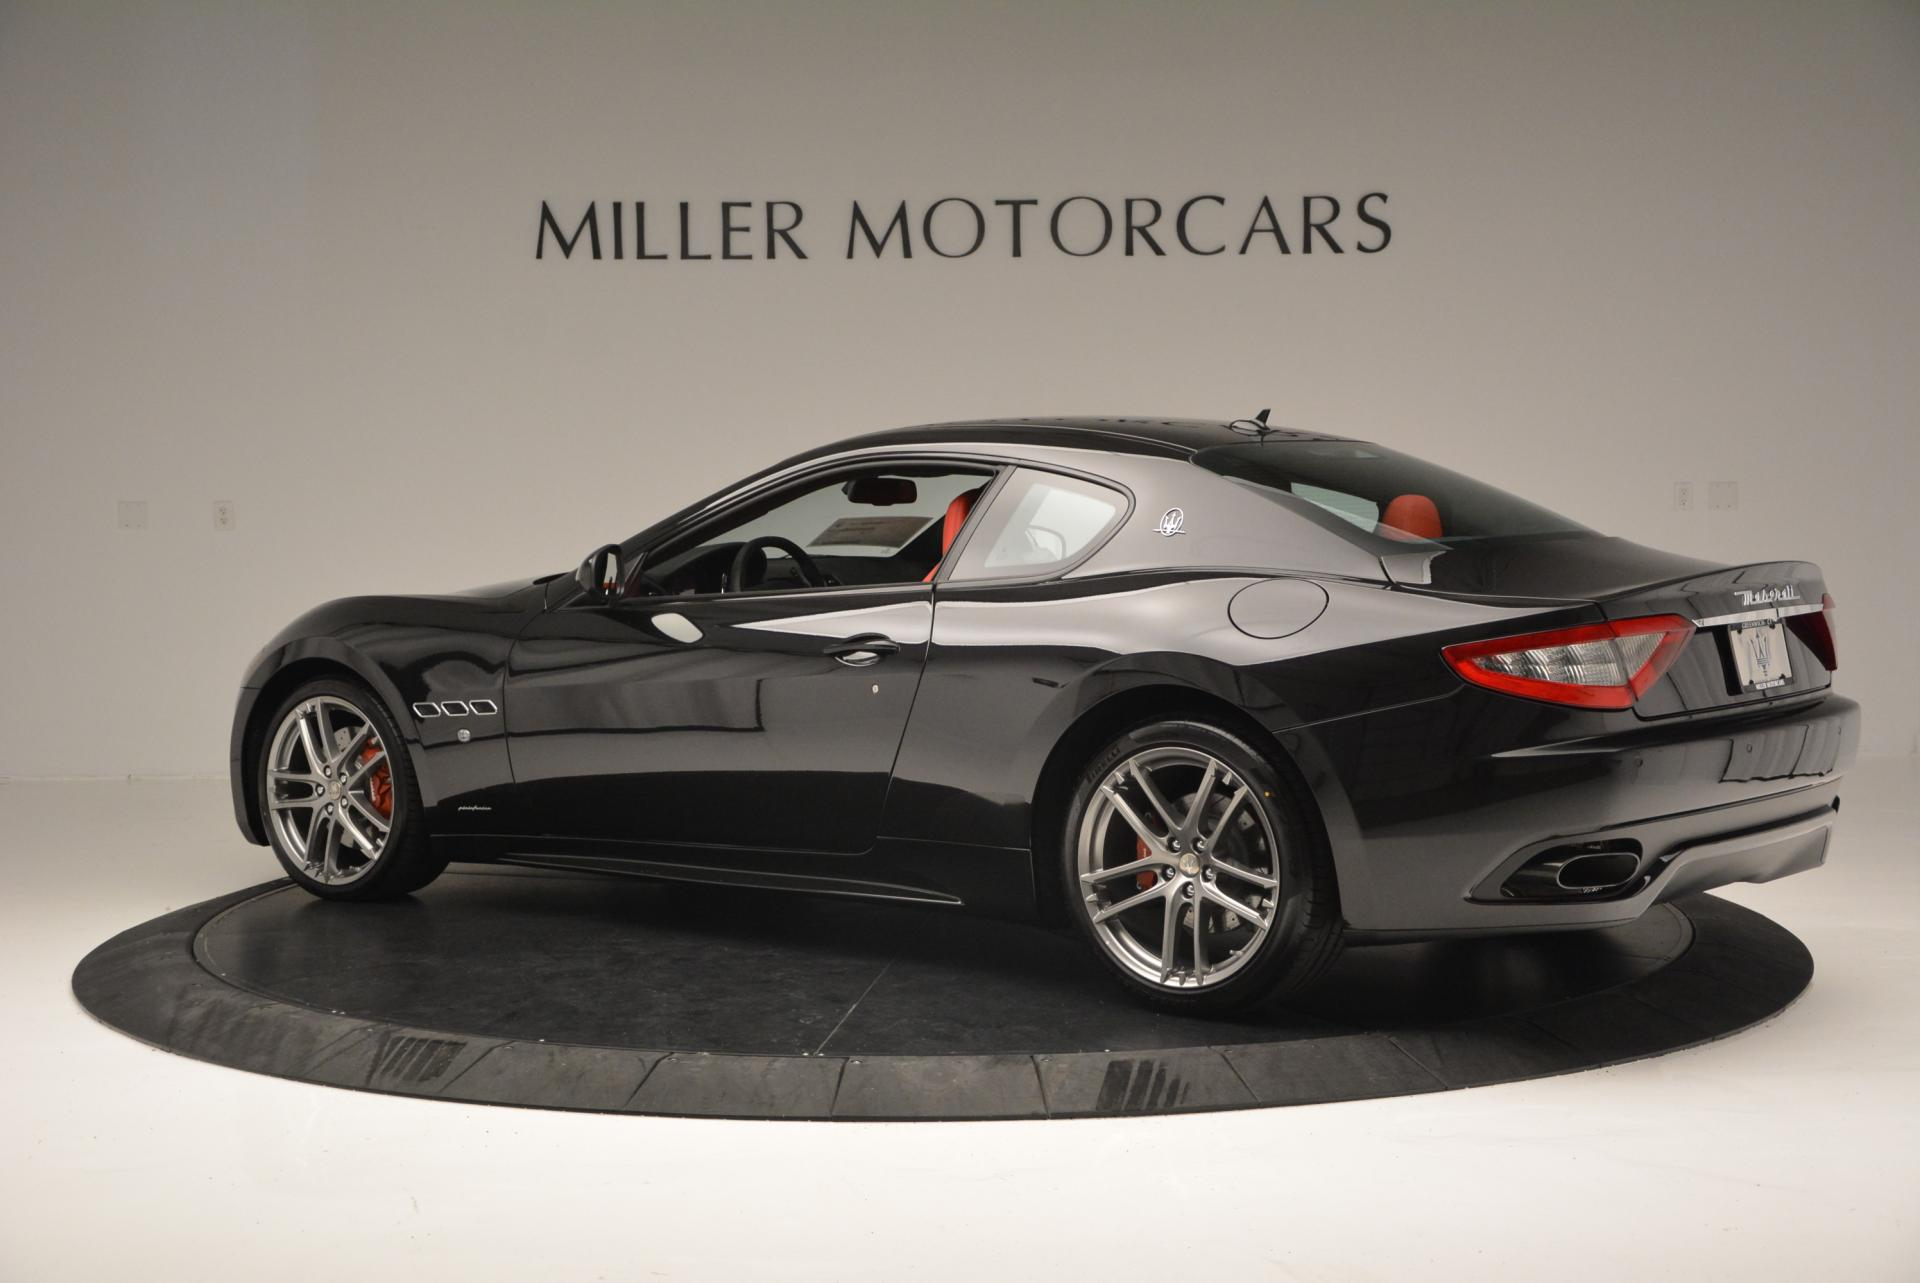 New 2016 Maserati GranTurismo Sport For Sale In Greenwich, CT 163_p4